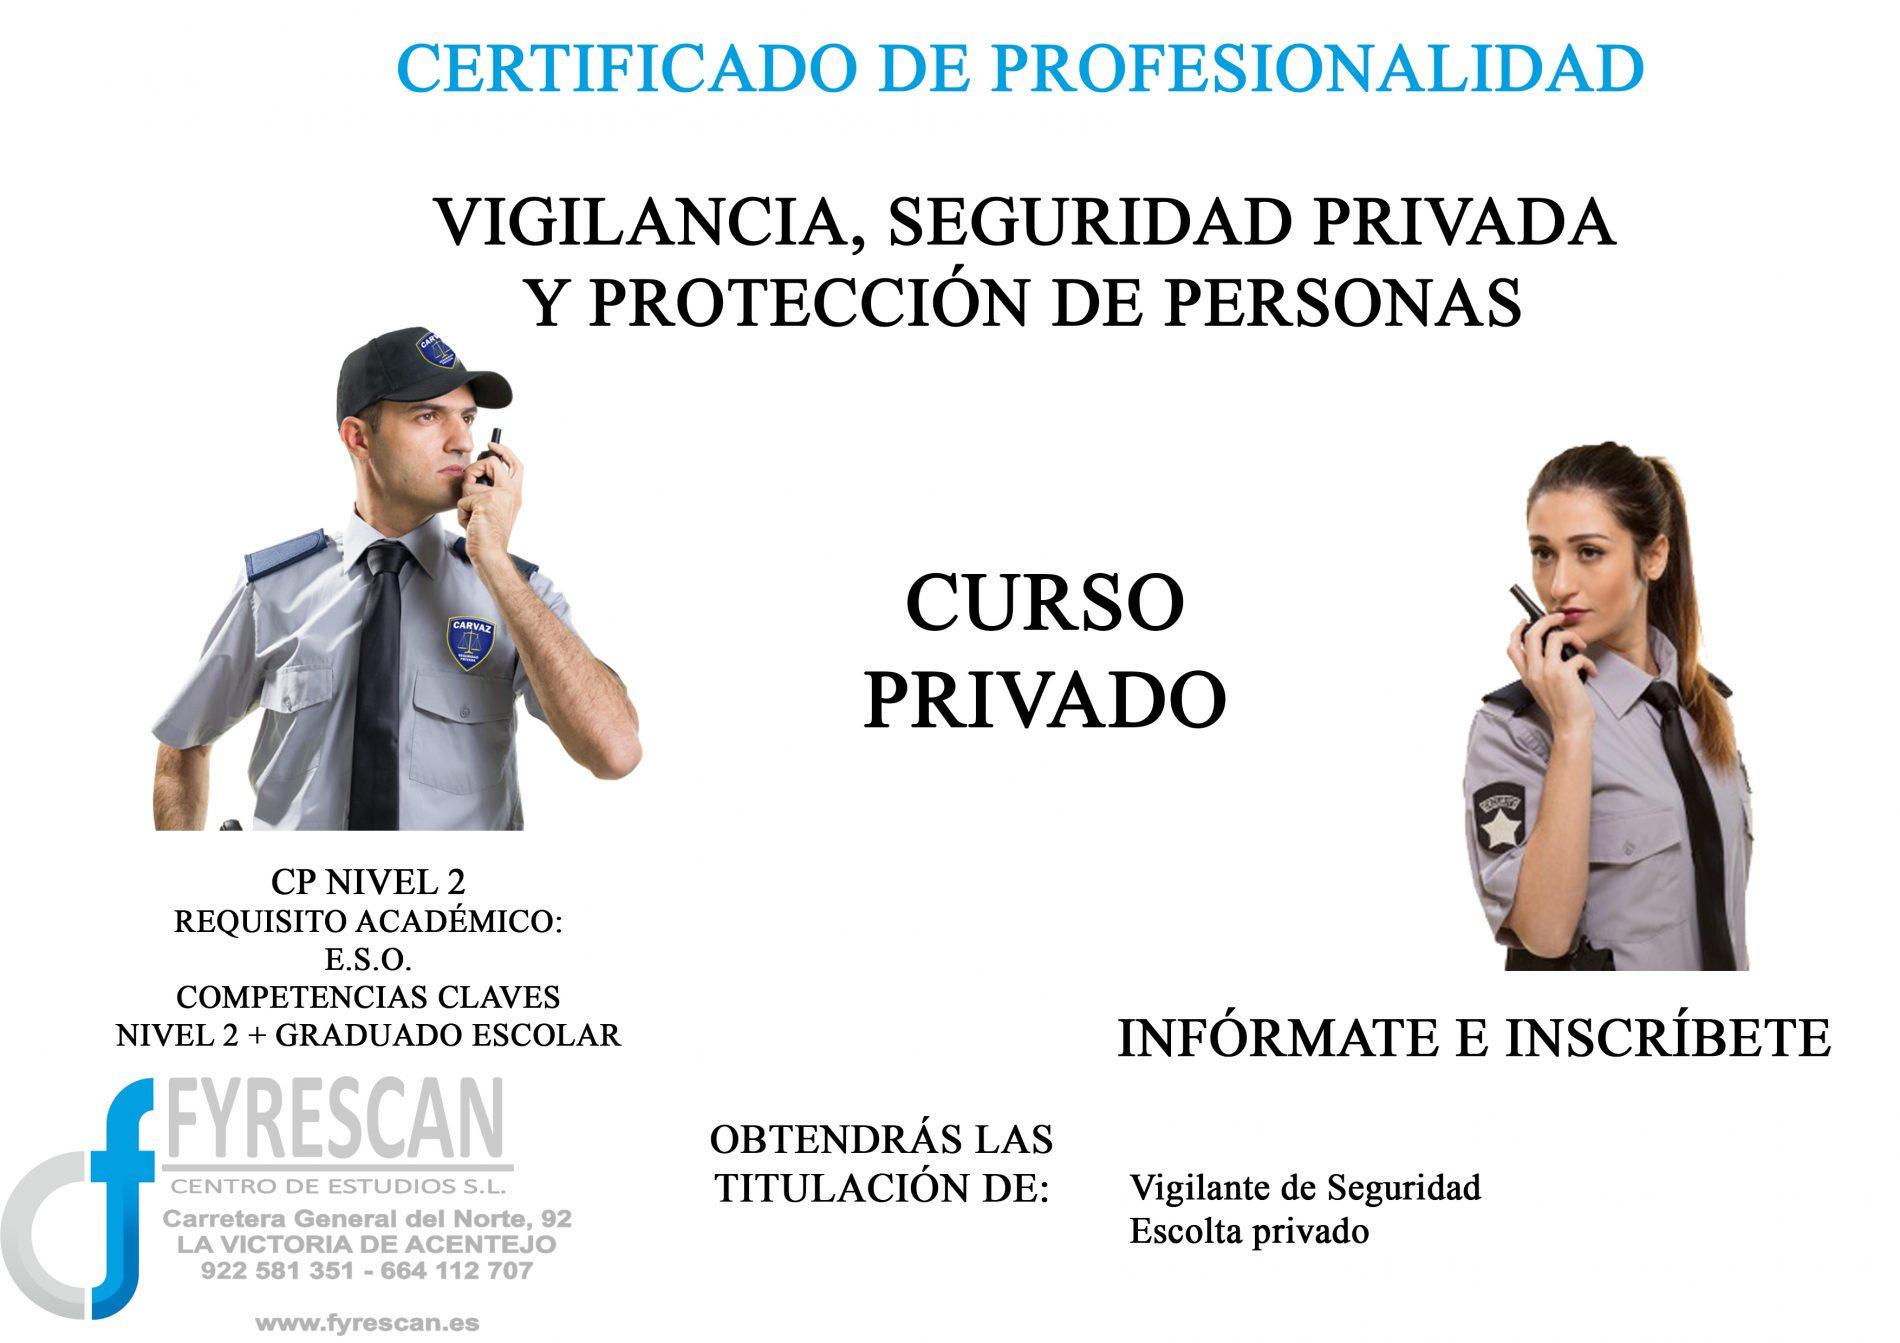 PRÓXIMO CURSO PRIVADO DE VIGILANTE, SEGURIDAD PRIVADA Y PROTECCIÓN DE PERSONAS – COMIENZO DÍA 7 DE OCTUBRE – INSCRÍBETE